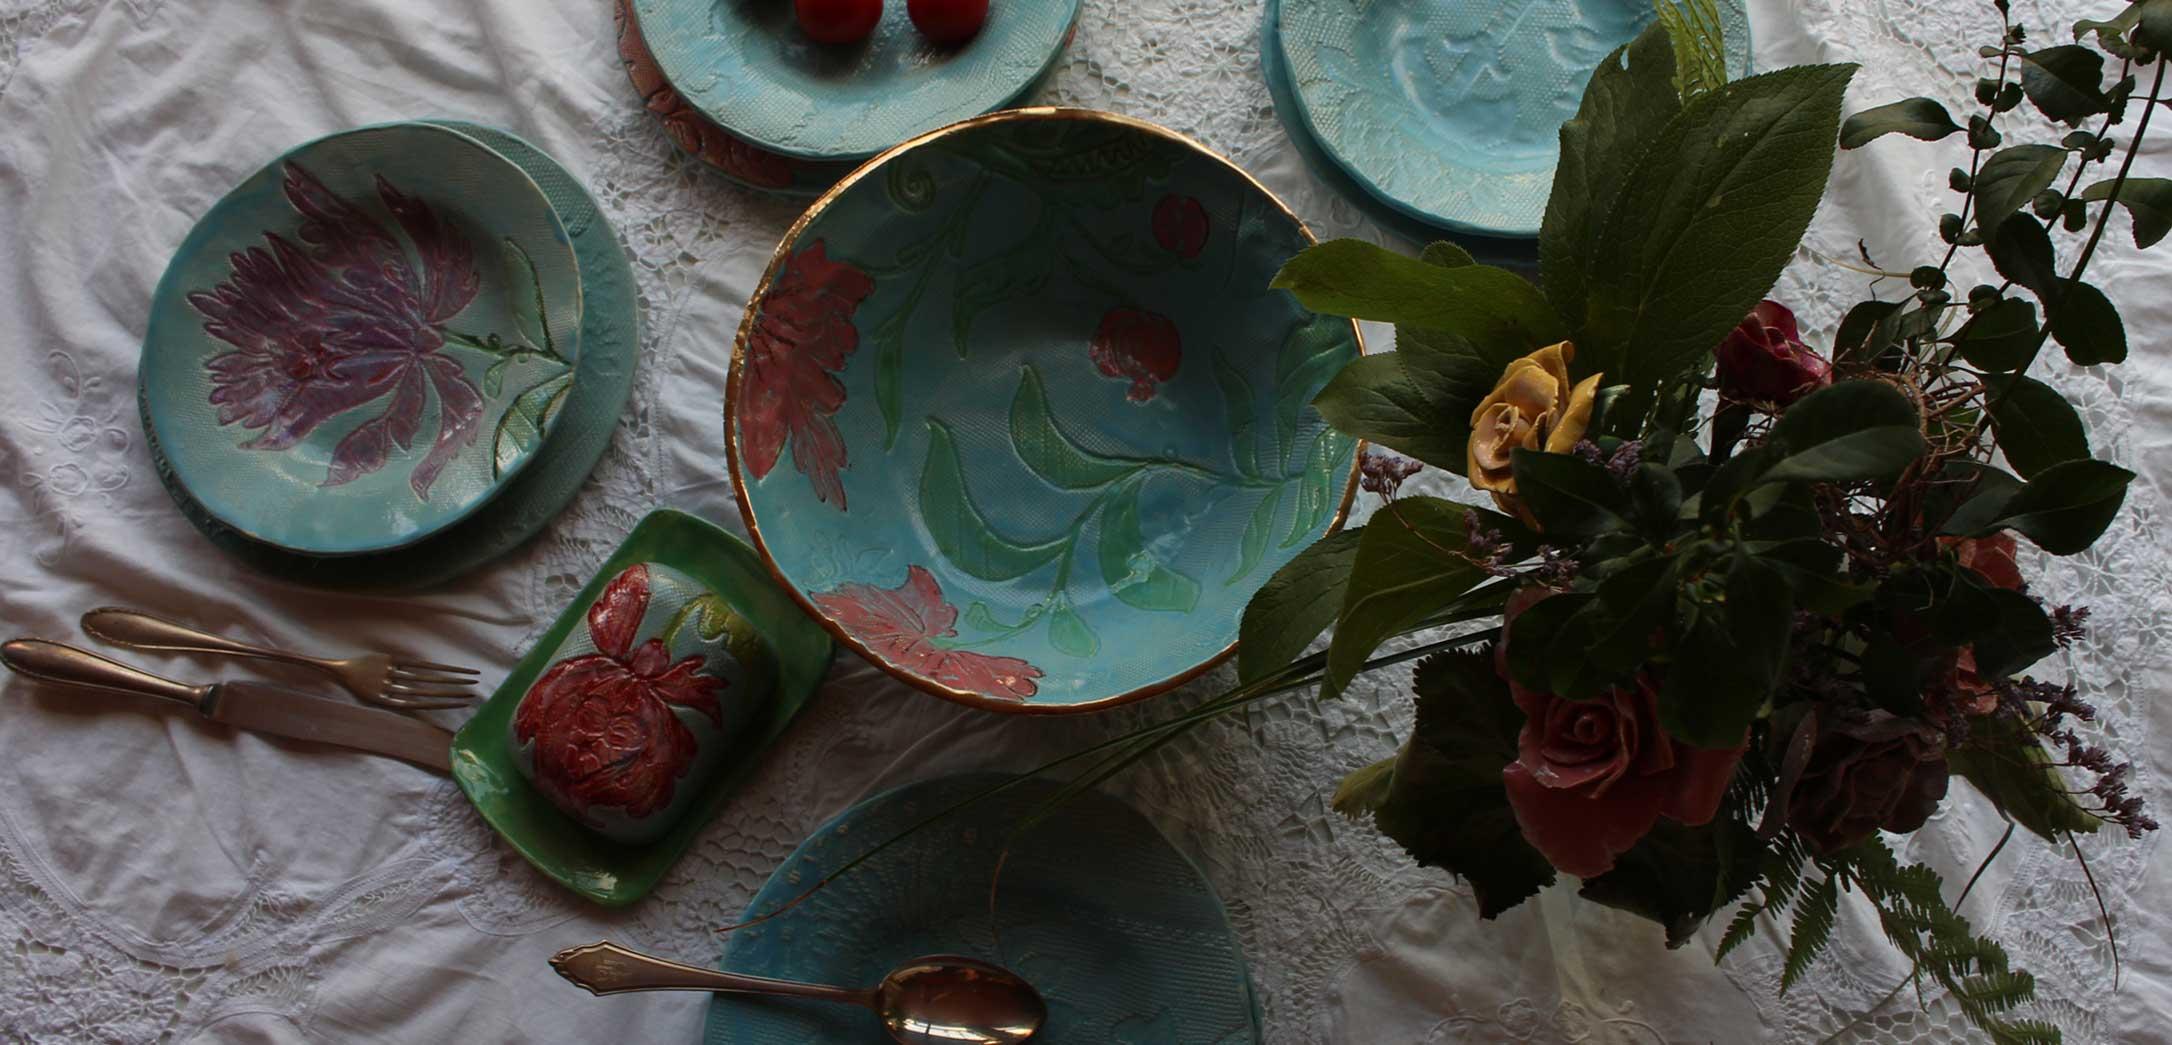 Nahaufnahme gedeckter Tisch mit türkisem Keramikgeschirr